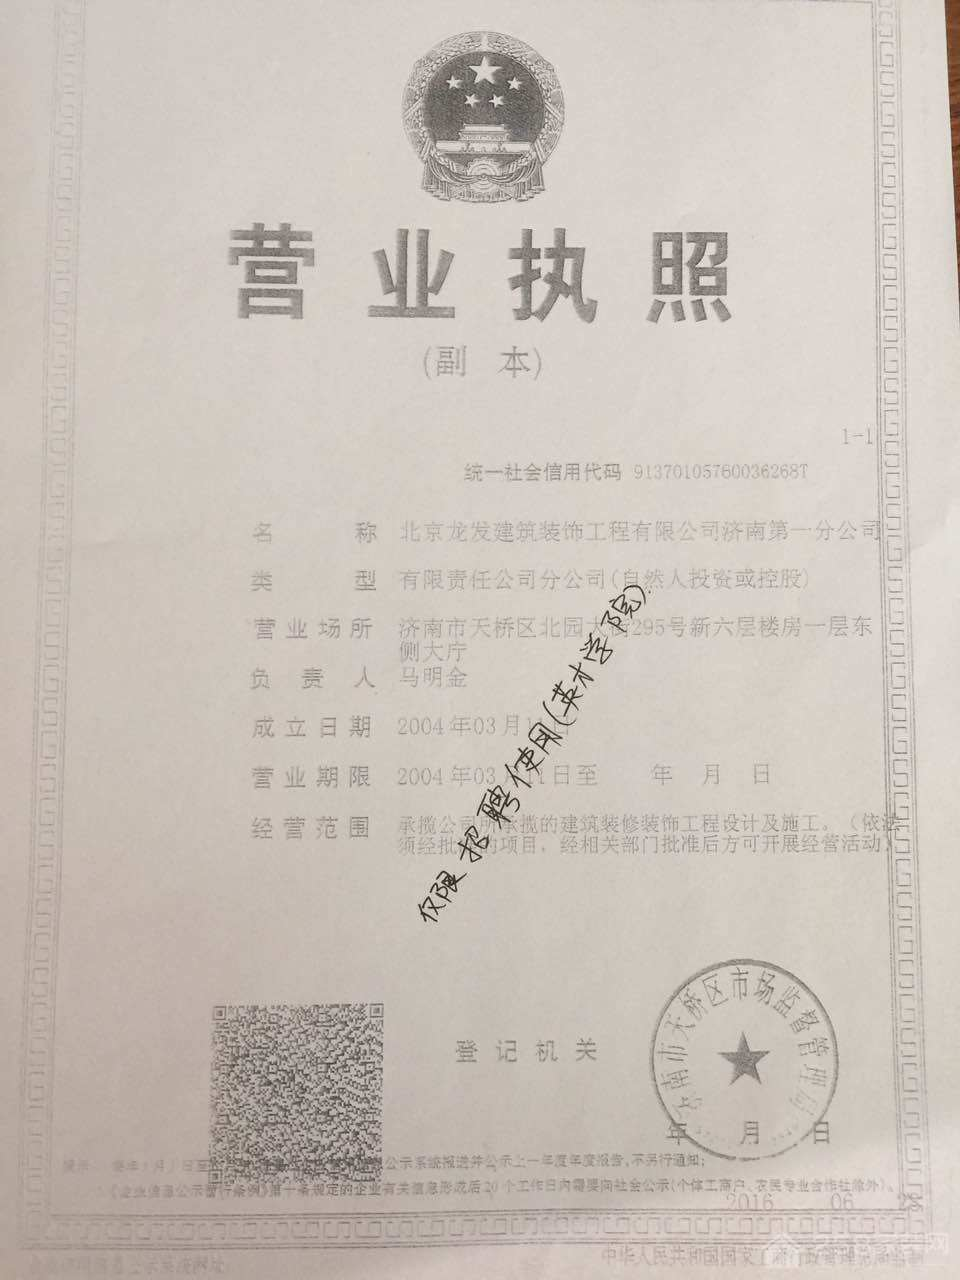 北京龙发装饰工程有限公司济南分公司